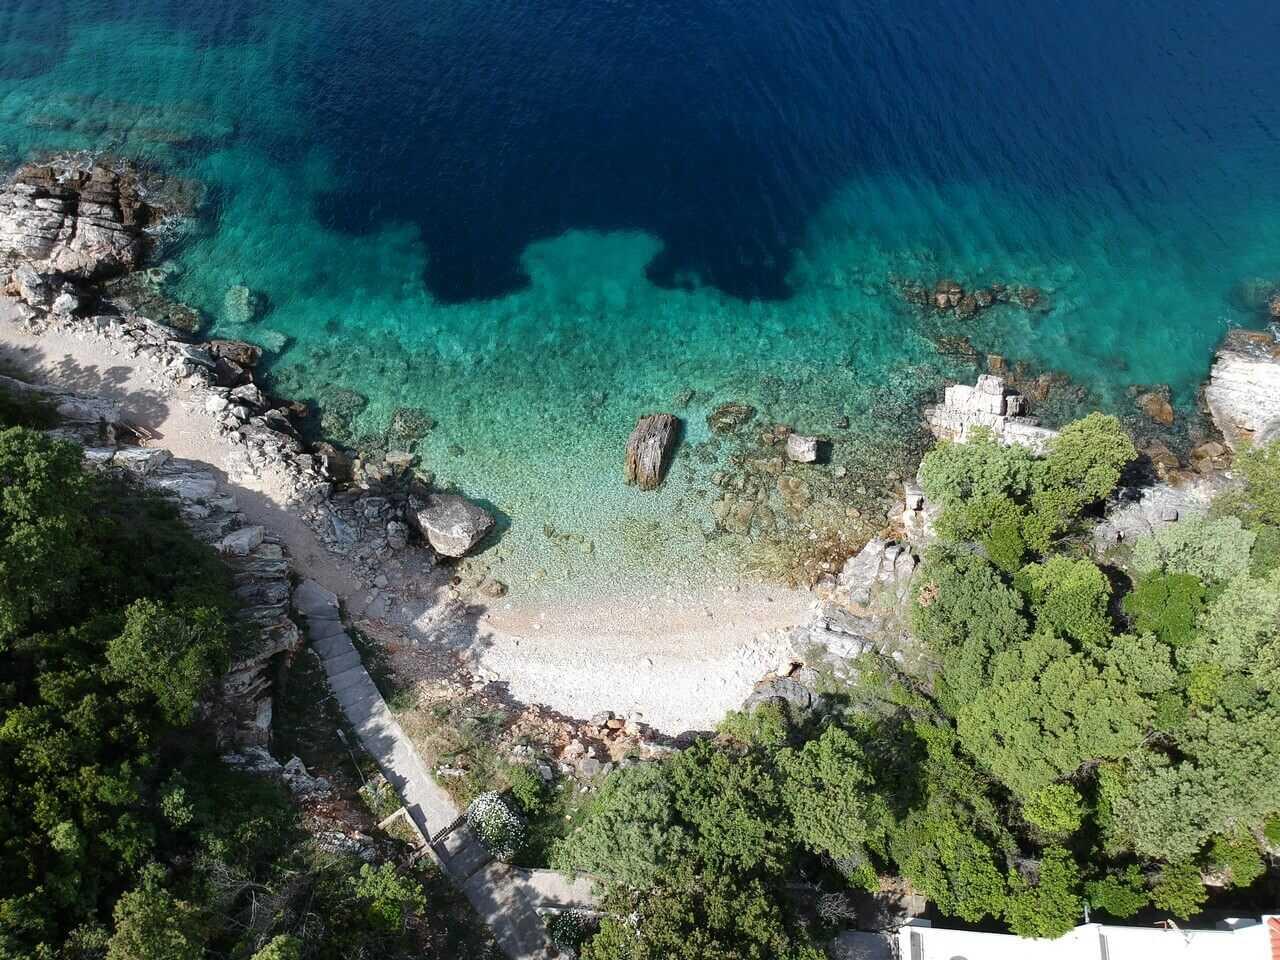 Merveilleux séjour sur l'île de Mljet chez Blazenka Cumbelic à Kozarica 3